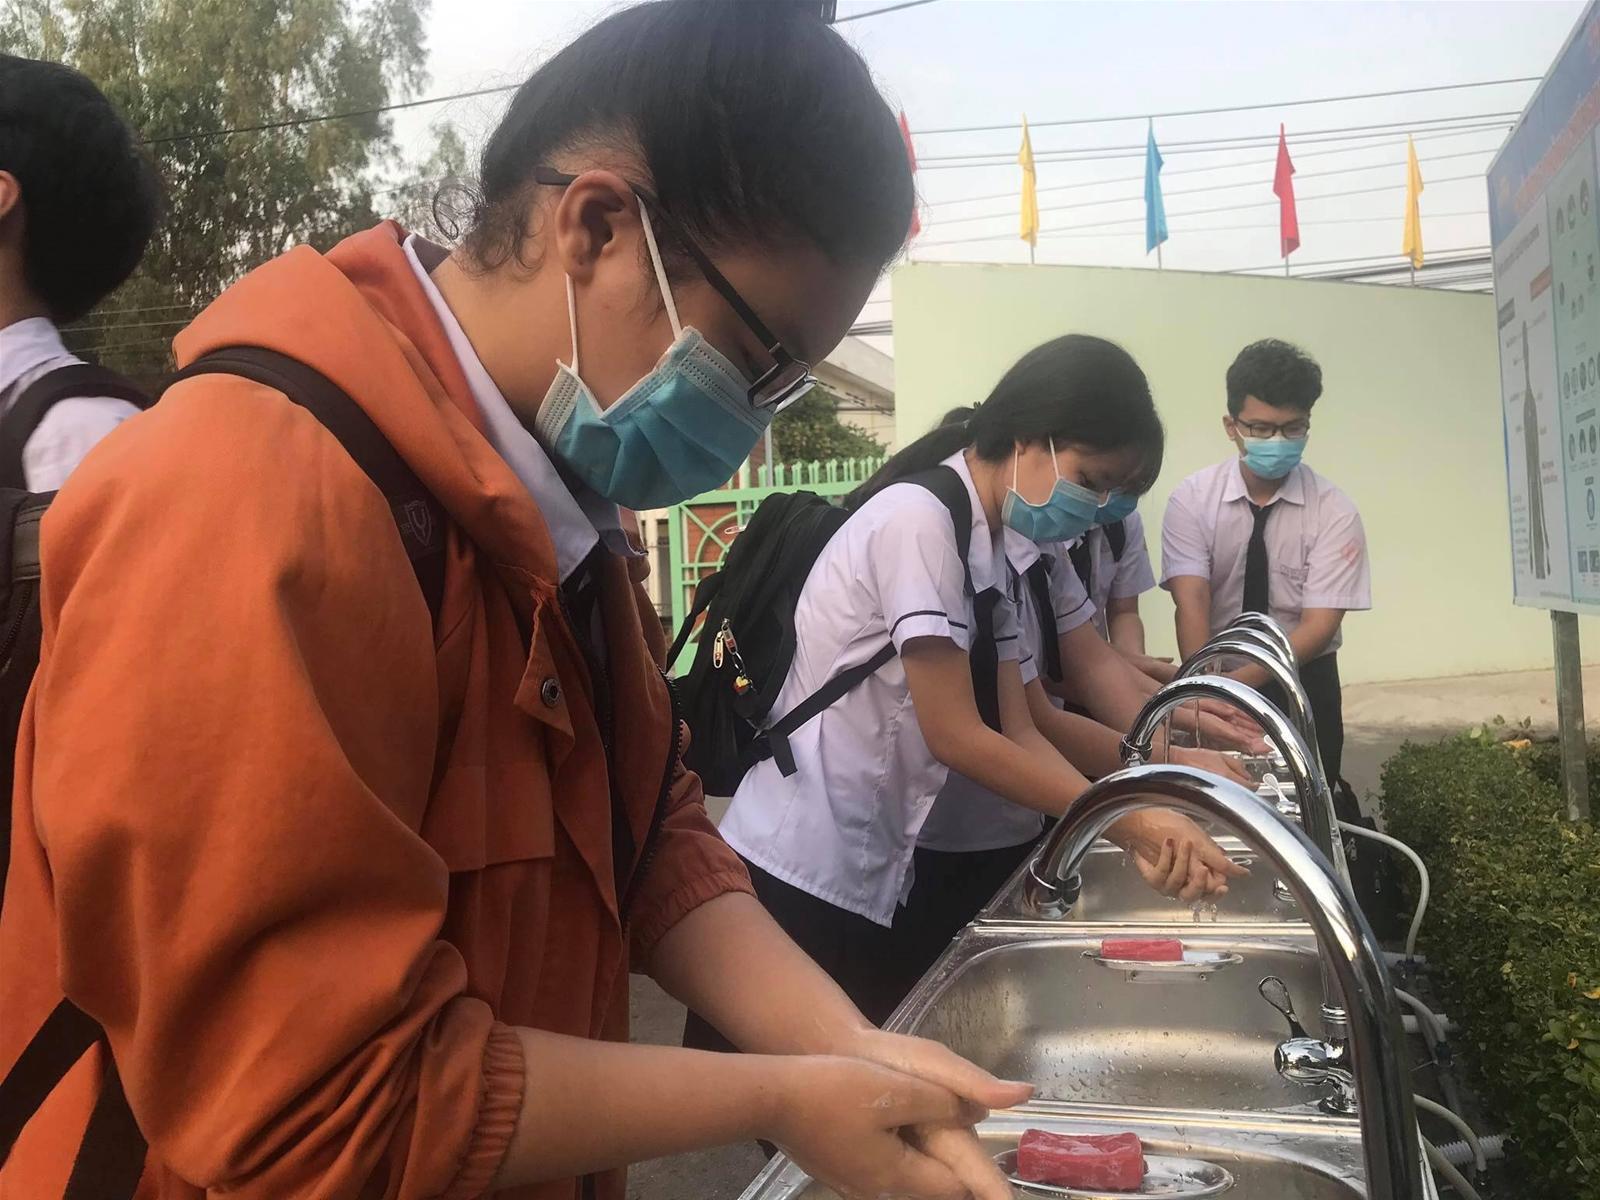 Đồng Nai: Tạm ngừng các hoạt động ngoại khoá trong trường học - Ảnh 1.